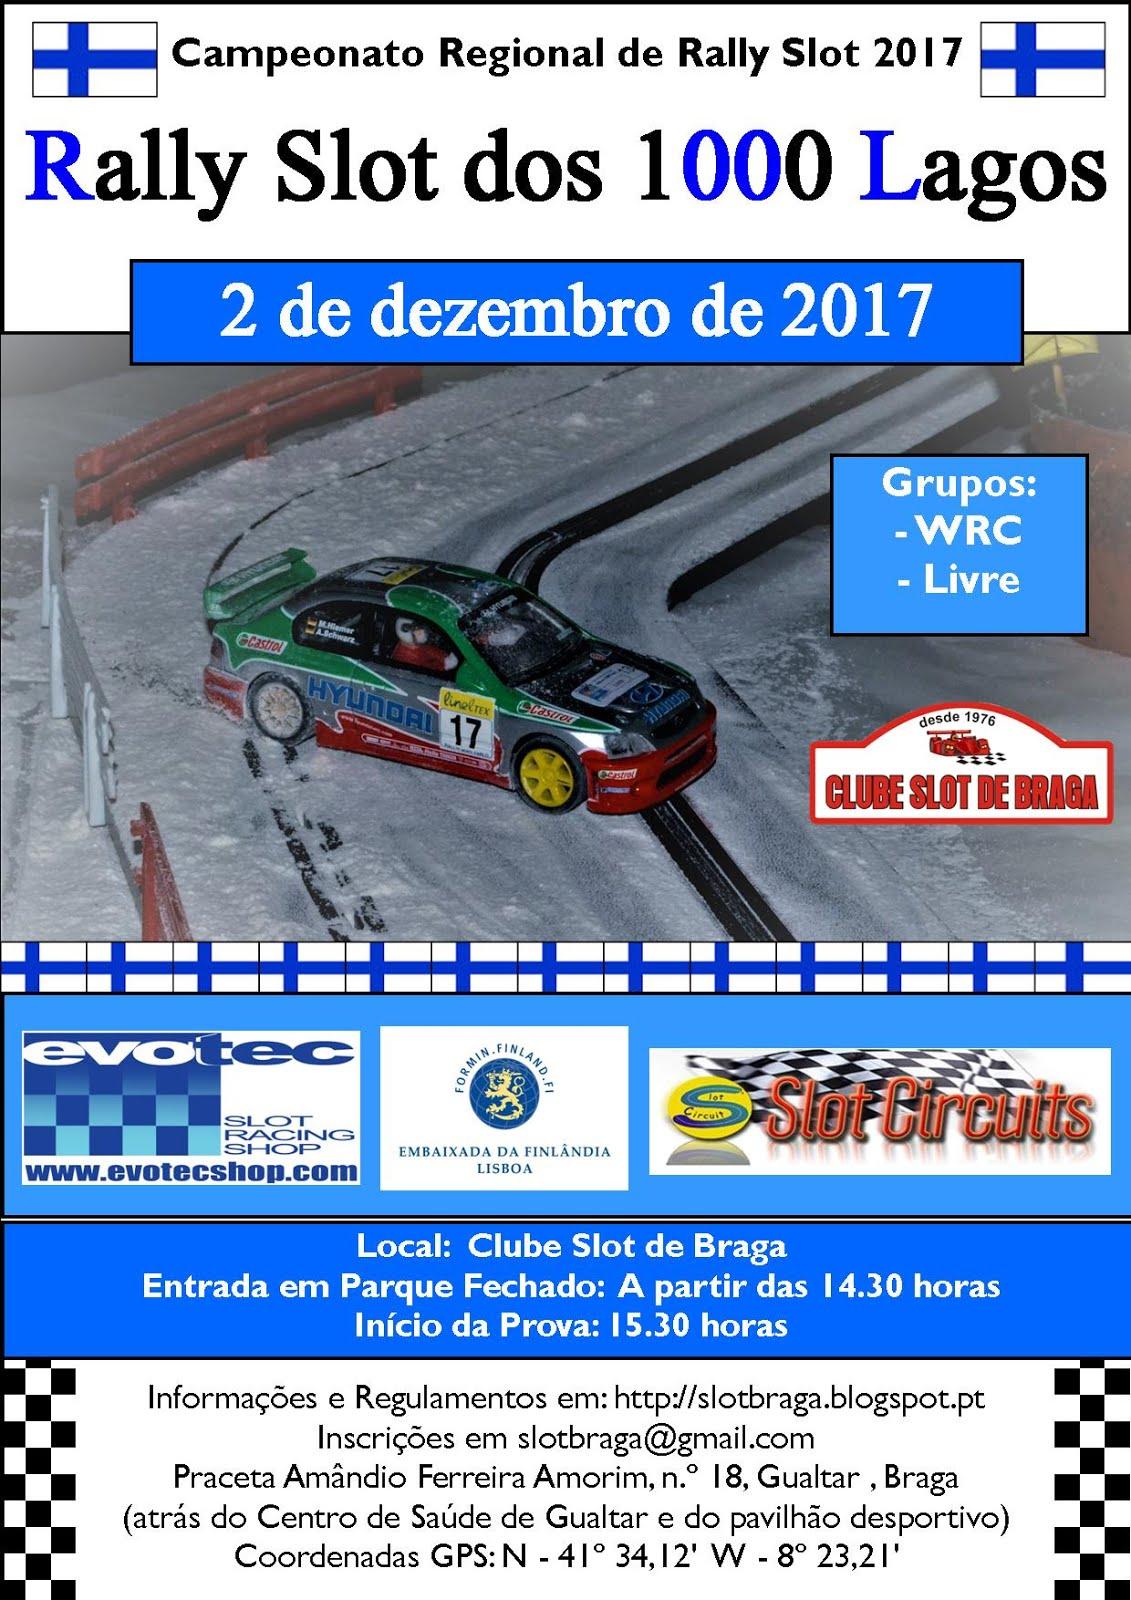 11.ª e última prova do Campeonato Regional de Rally Slot 2017